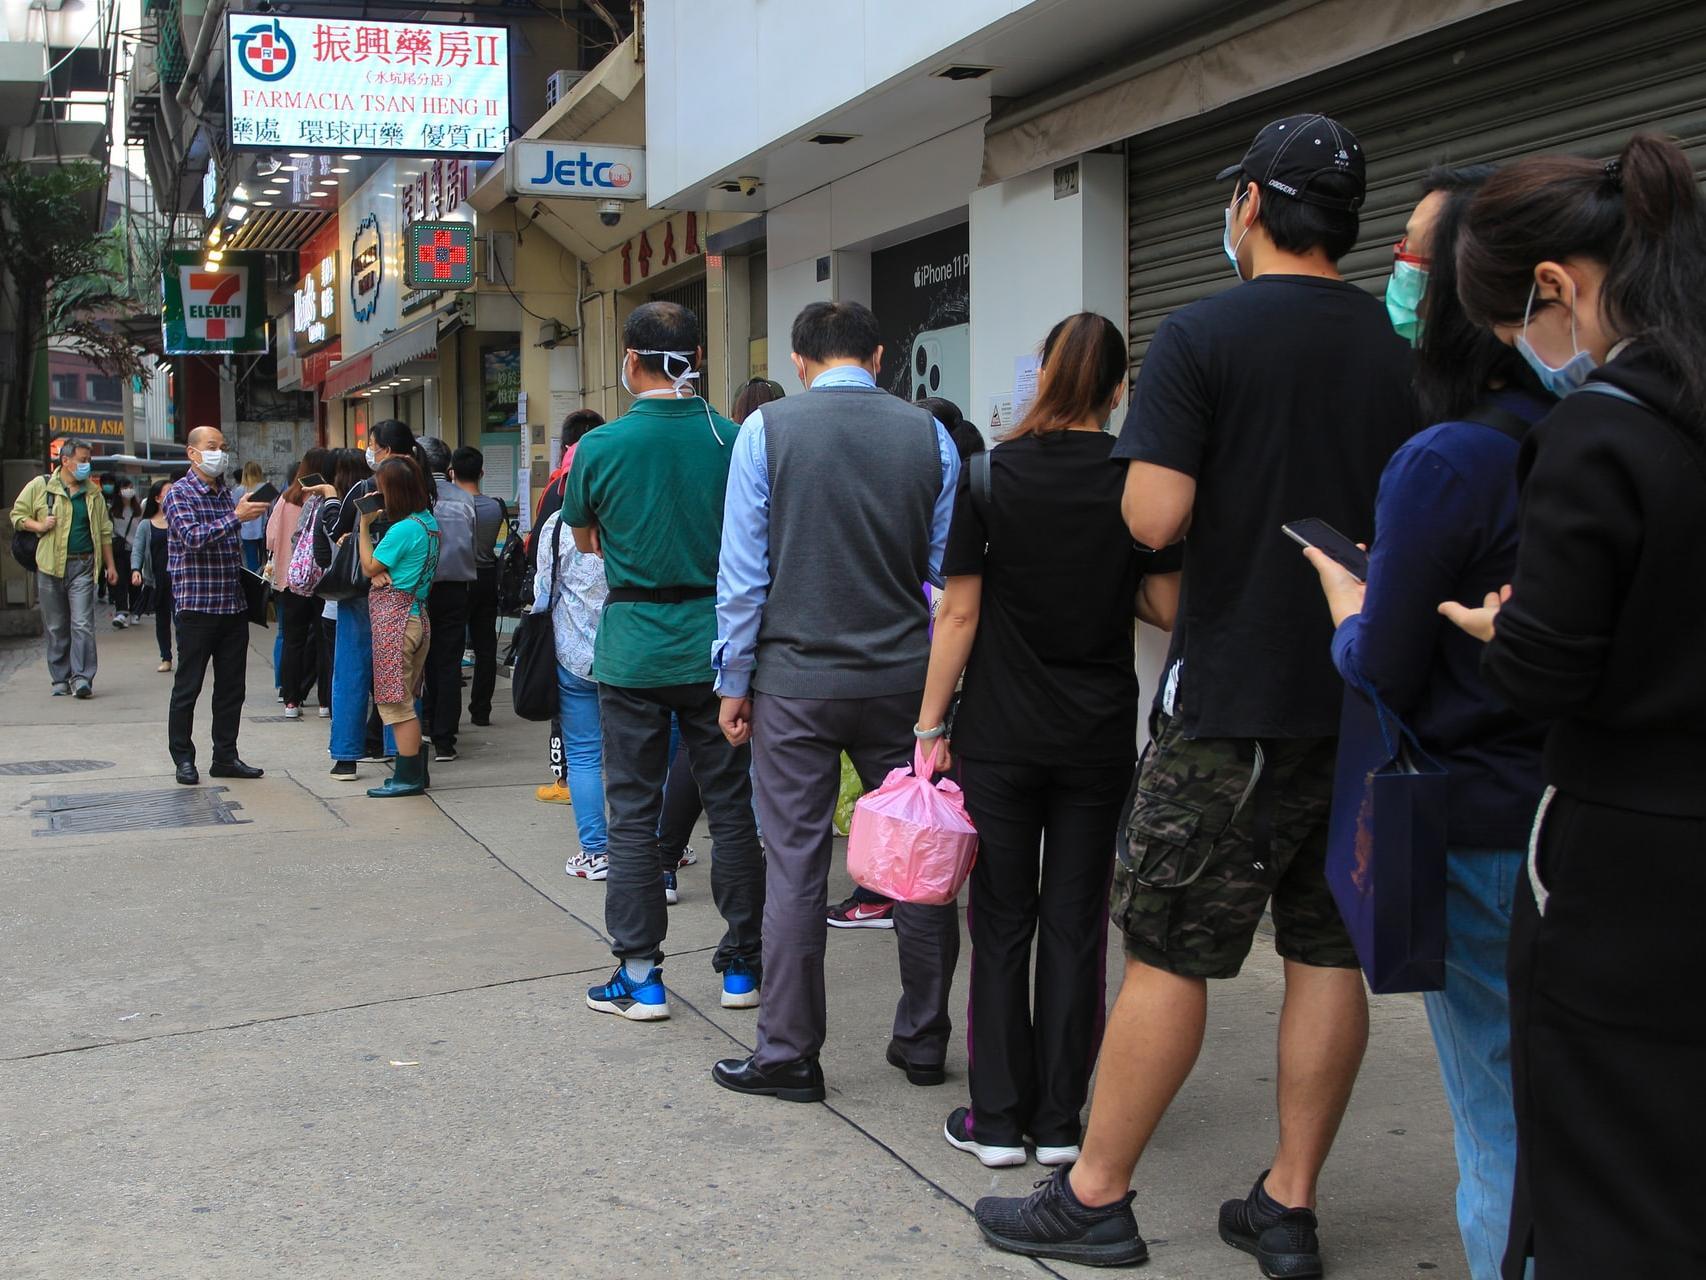 在澳门,市民在一家药房前面排队购买口罩。为避免囤积、库存不足和价格上涨,政府制定了一项计划,为所有市民提供口罩